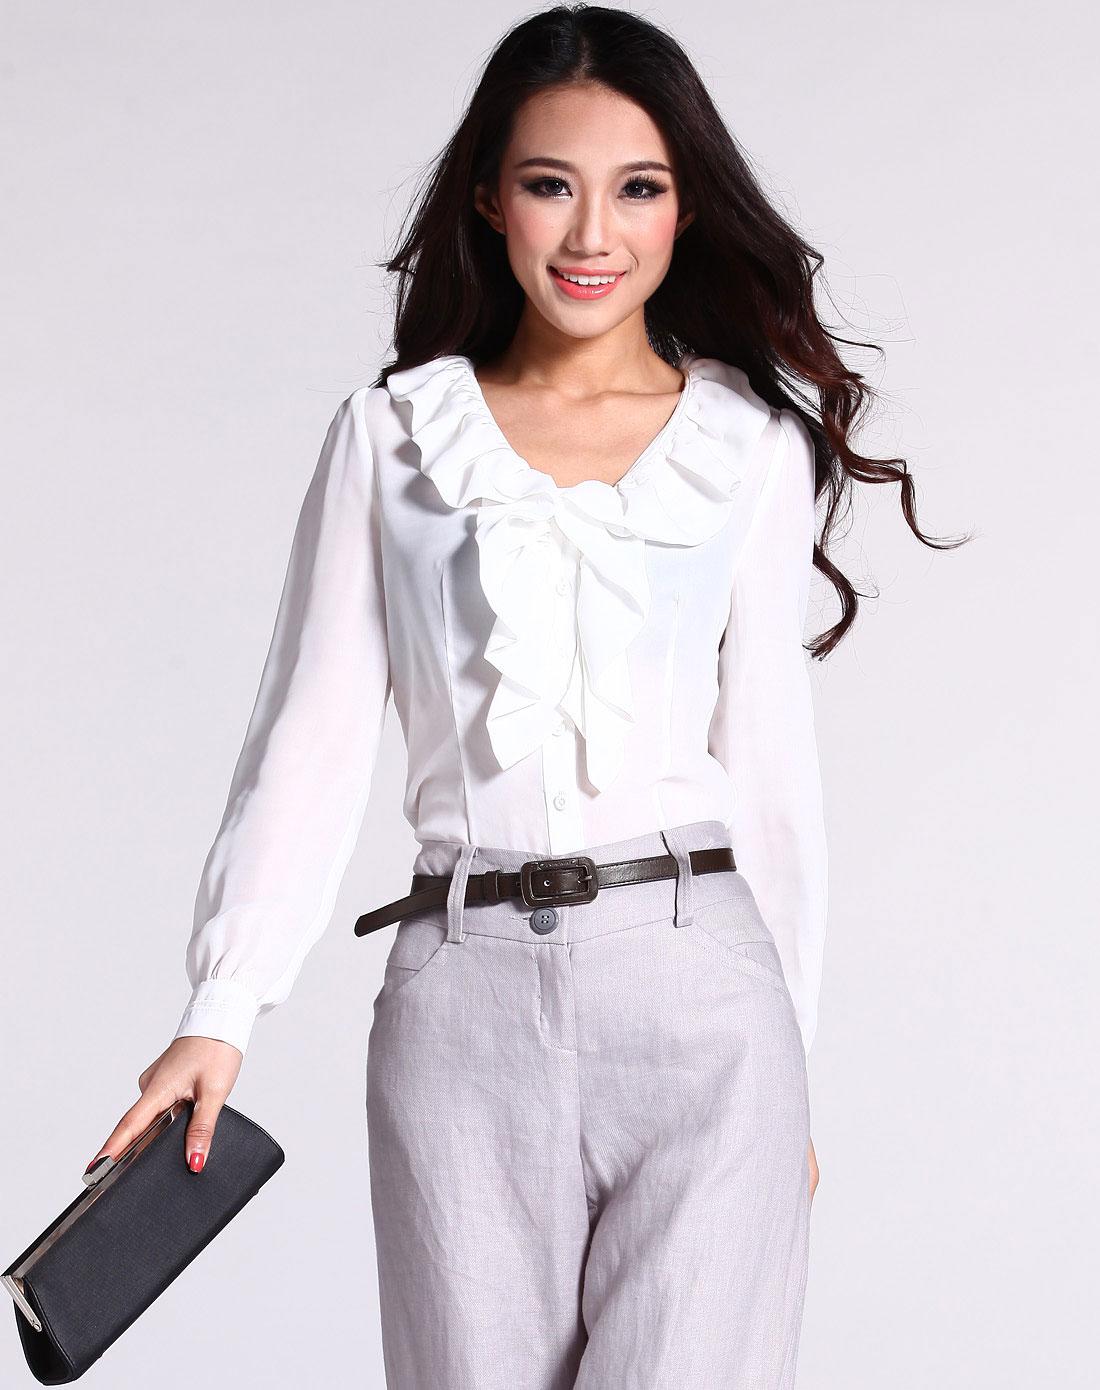 女款白色荷叶领衬衣